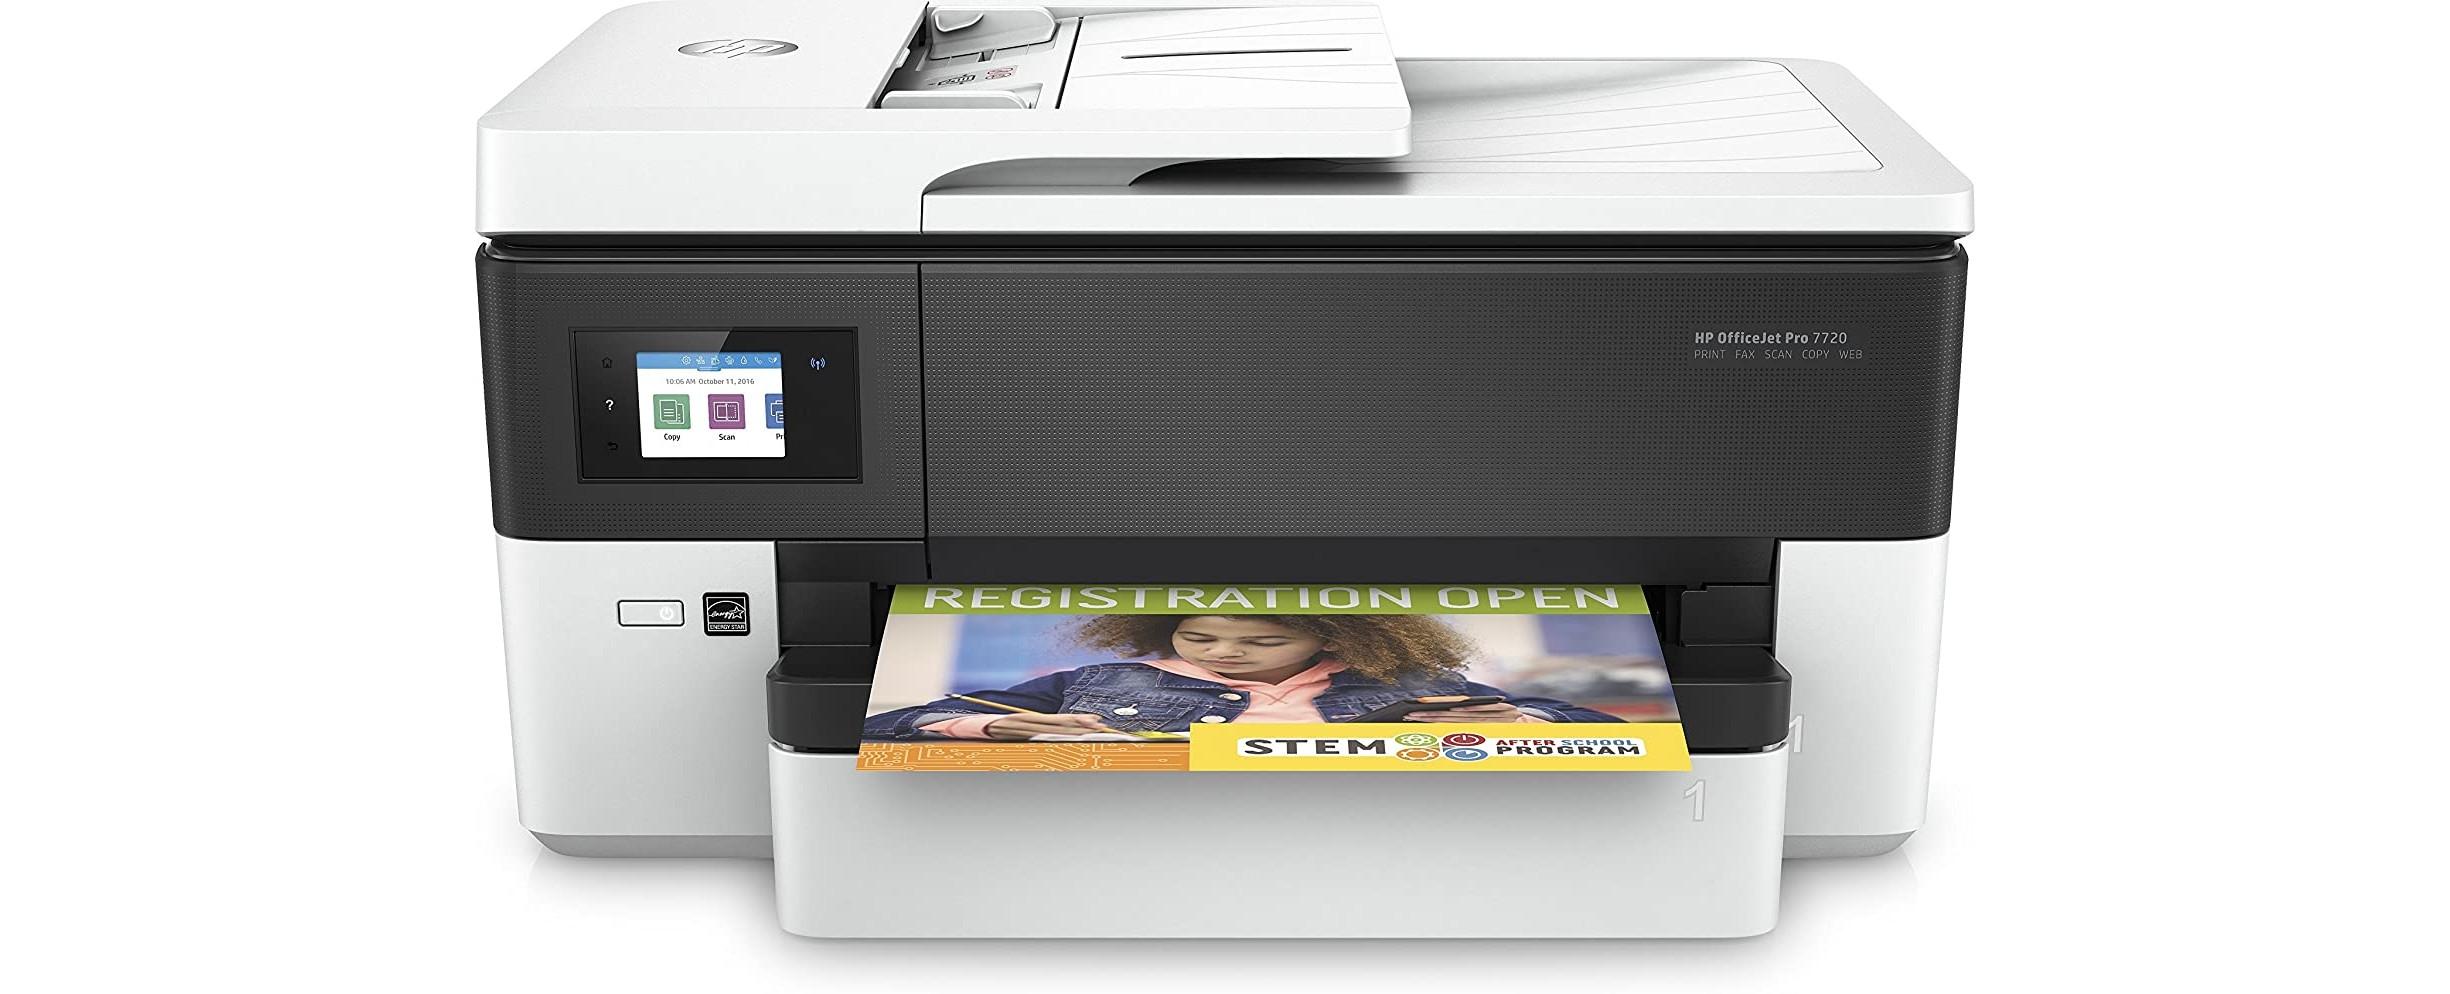 Cartuchos HP OfficeJet Pro 7720